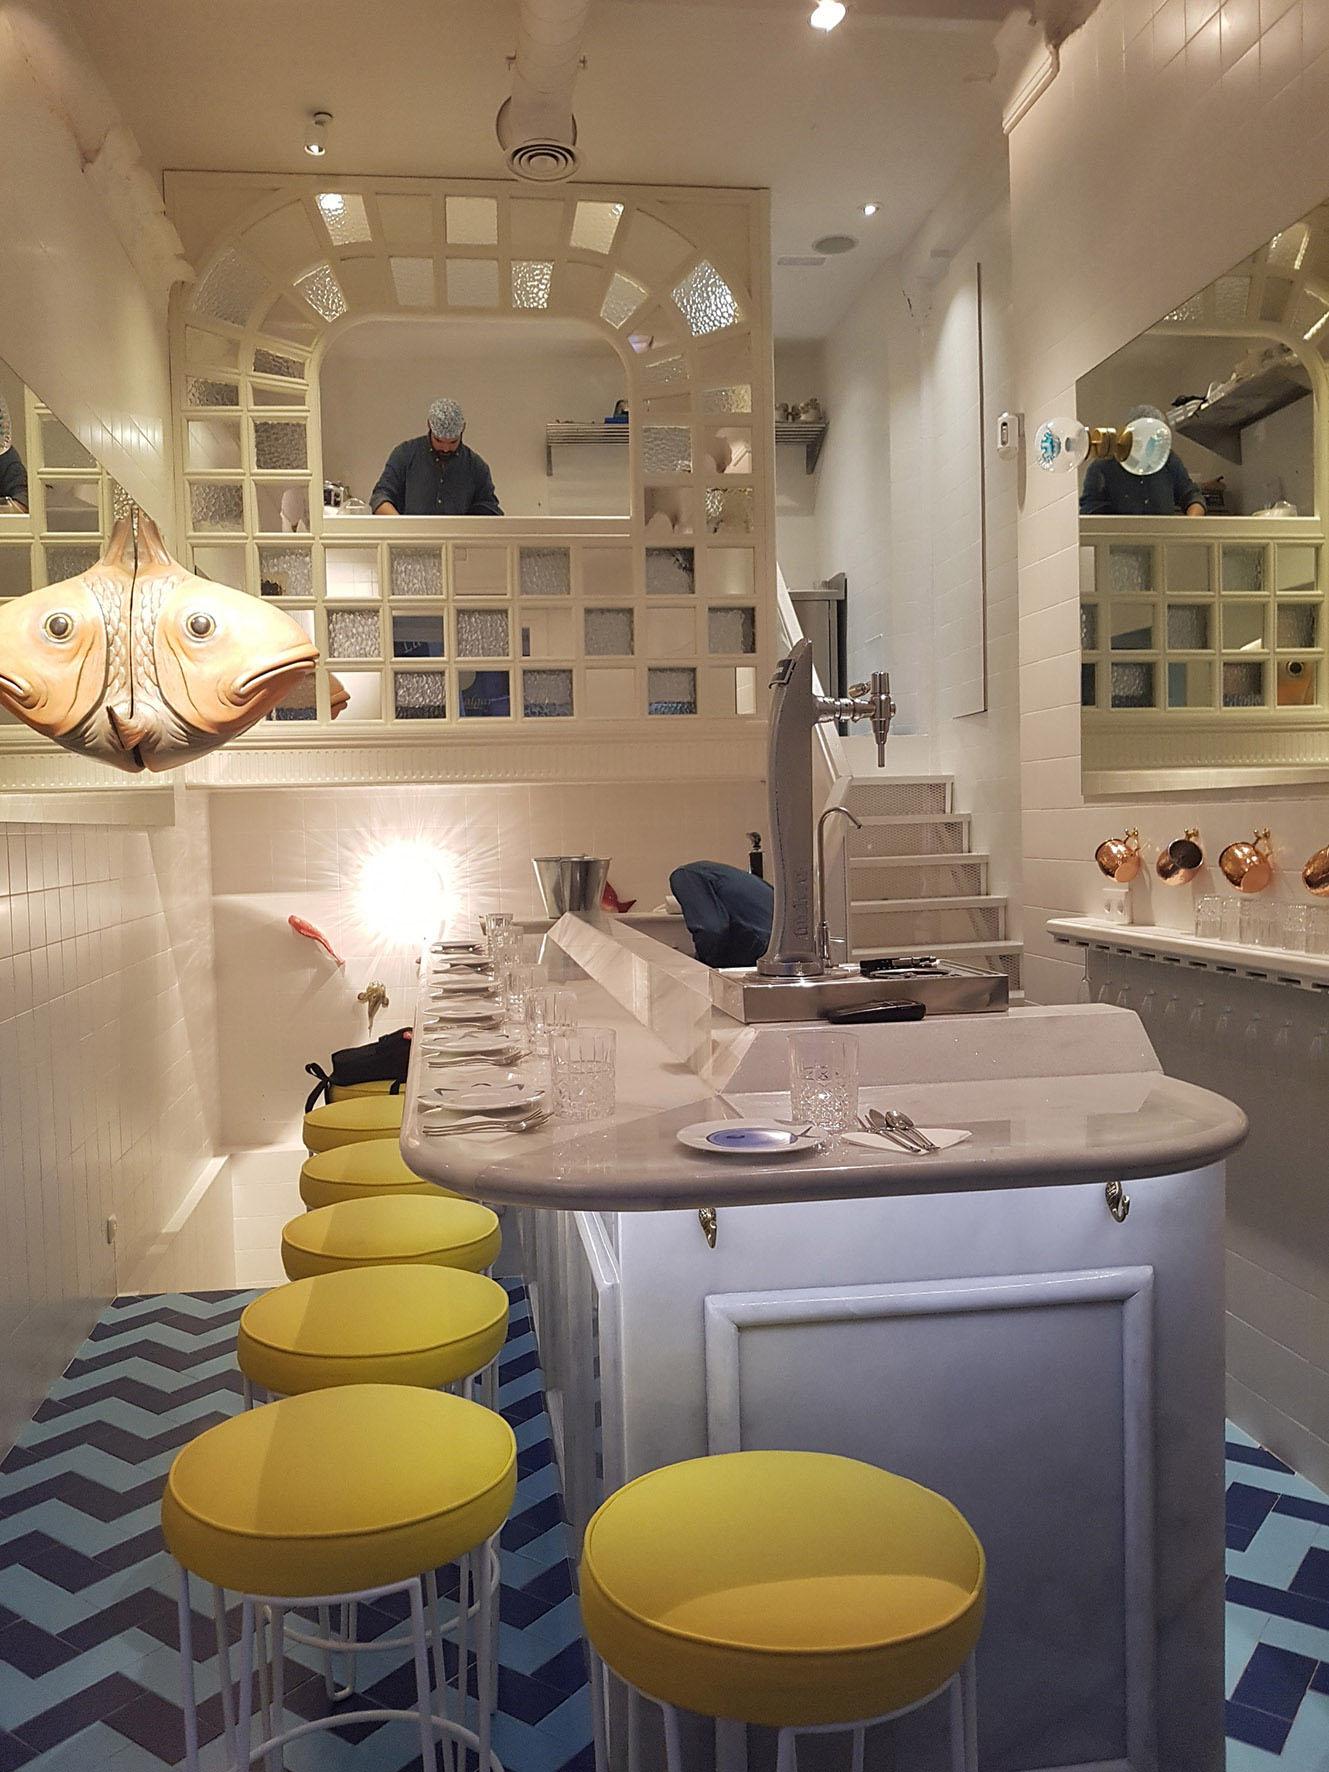 la-cebicheria-de-trafalgar-restaurante-proyectos-hosteleria-puesta-marcha-madrid-hosteleria-mobiliario-diseño-cocinas-decoracion6